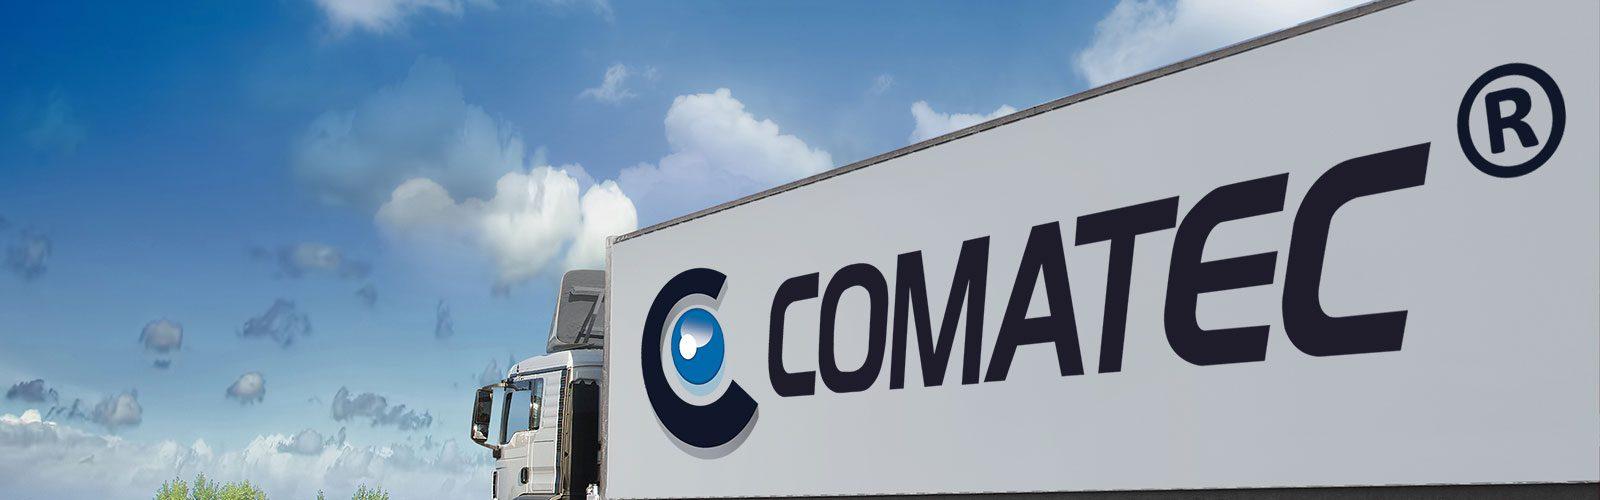 Comatec Groupin Tampereen Haarlankadun toimiston uusi osoite on: Kalevantie 7 C, 2-5 krs, 33100 Tampere